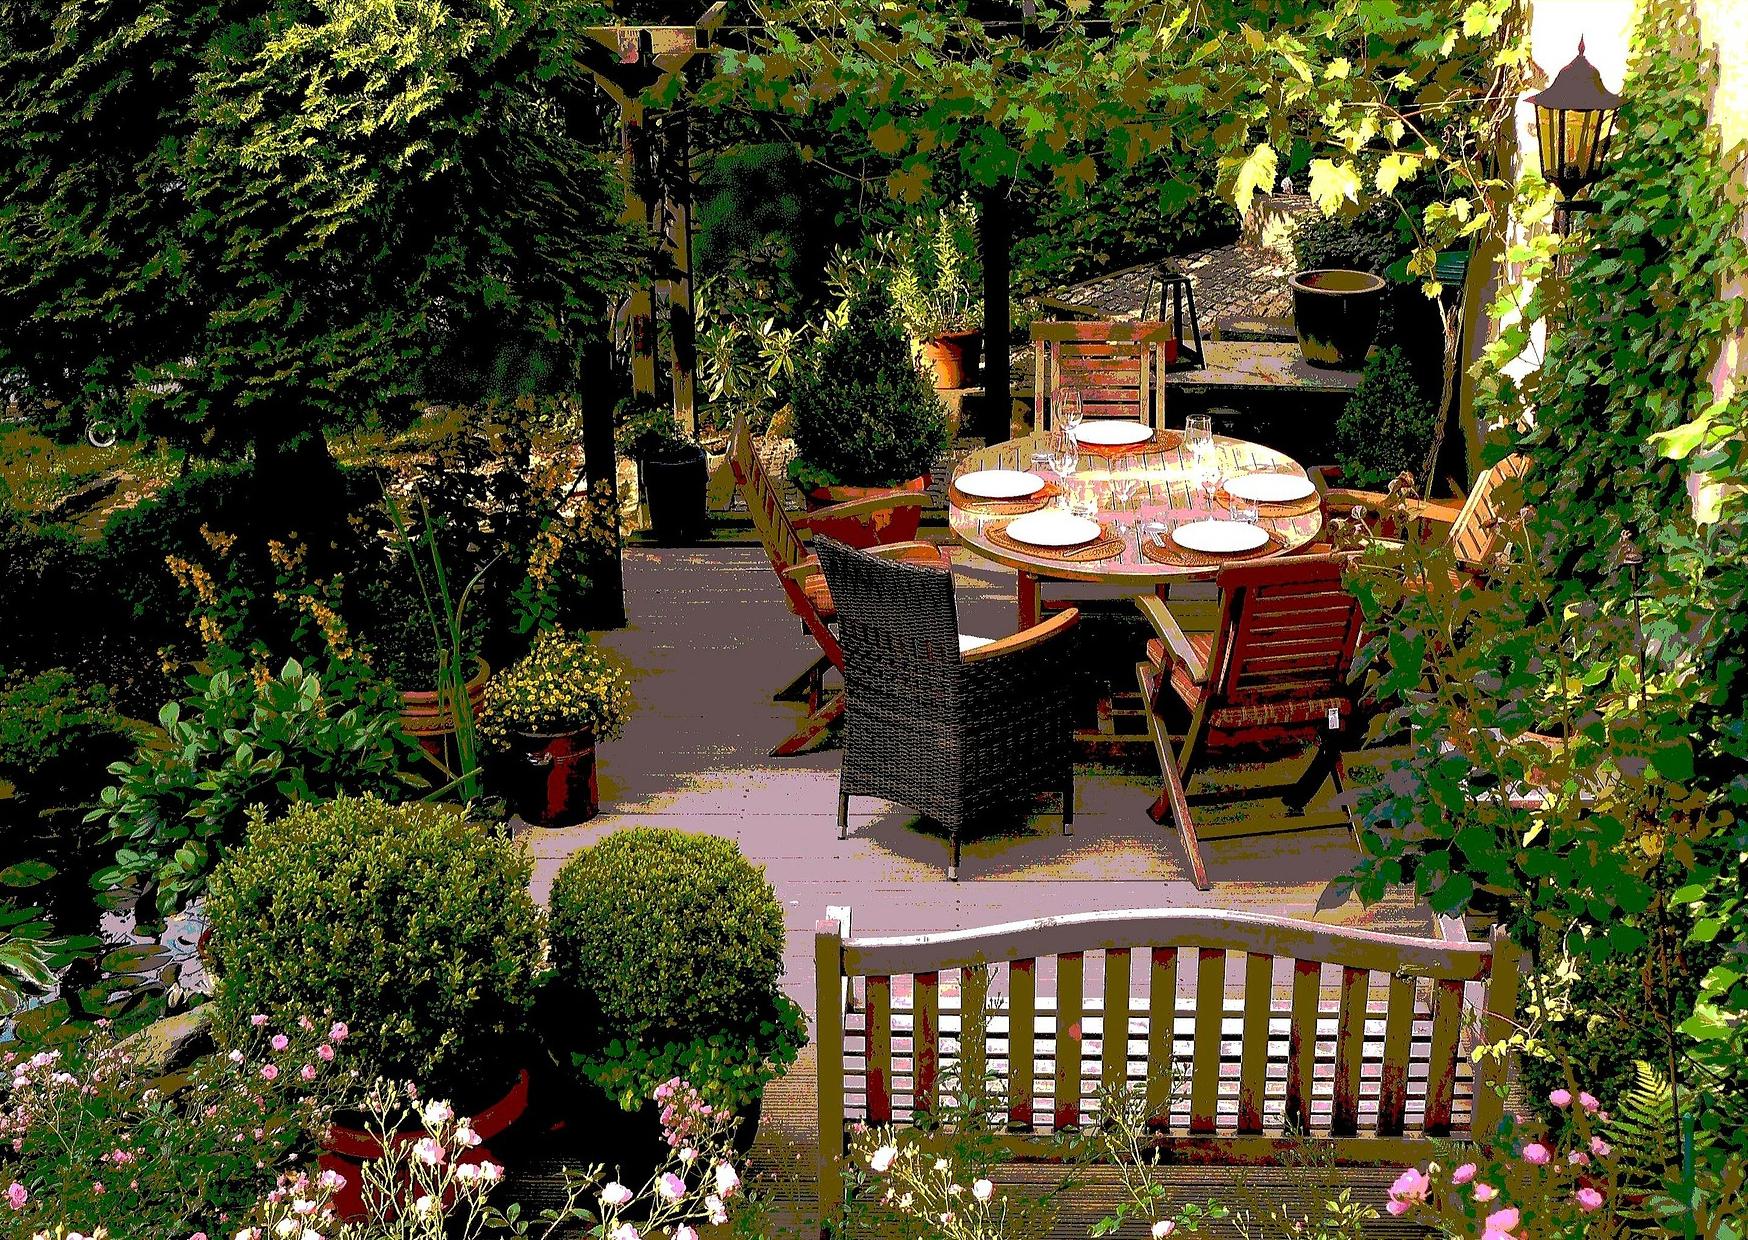 Gartenmöbel richtig pflegen – diese Tipps solltest du kennen!